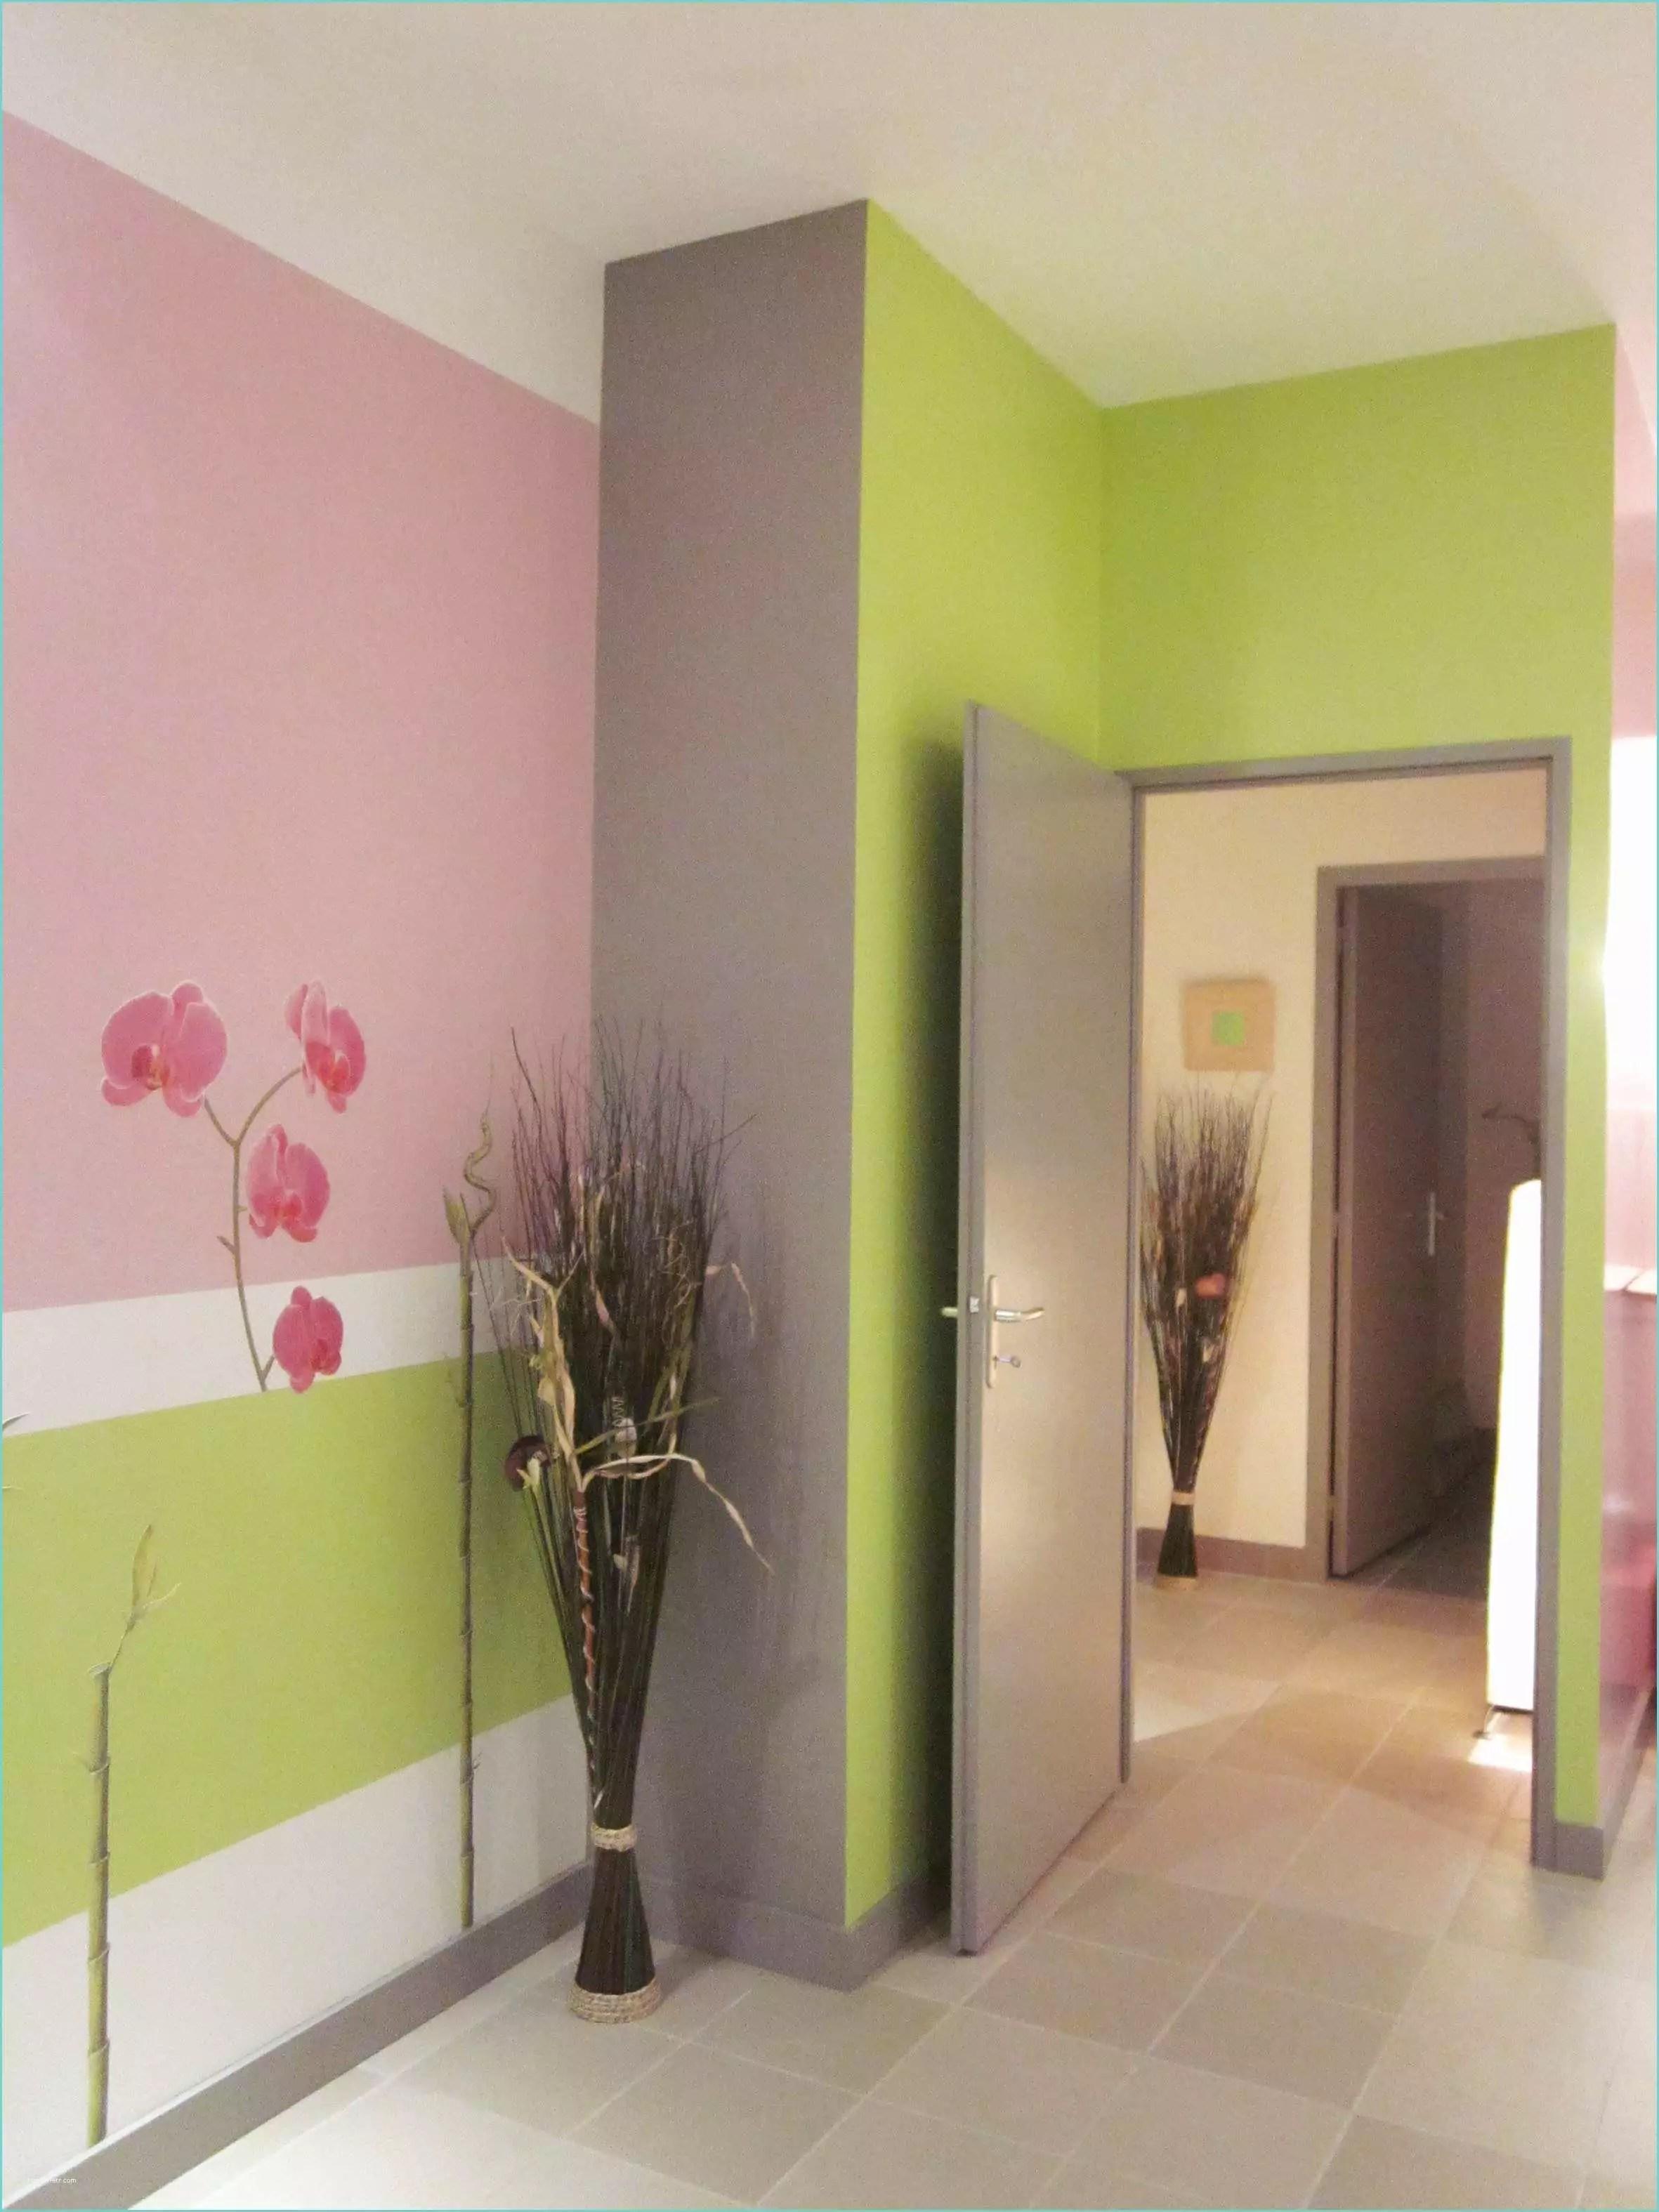 Decoration Interieur Peinture Couloir | Divin Idee Deco Couloir ...